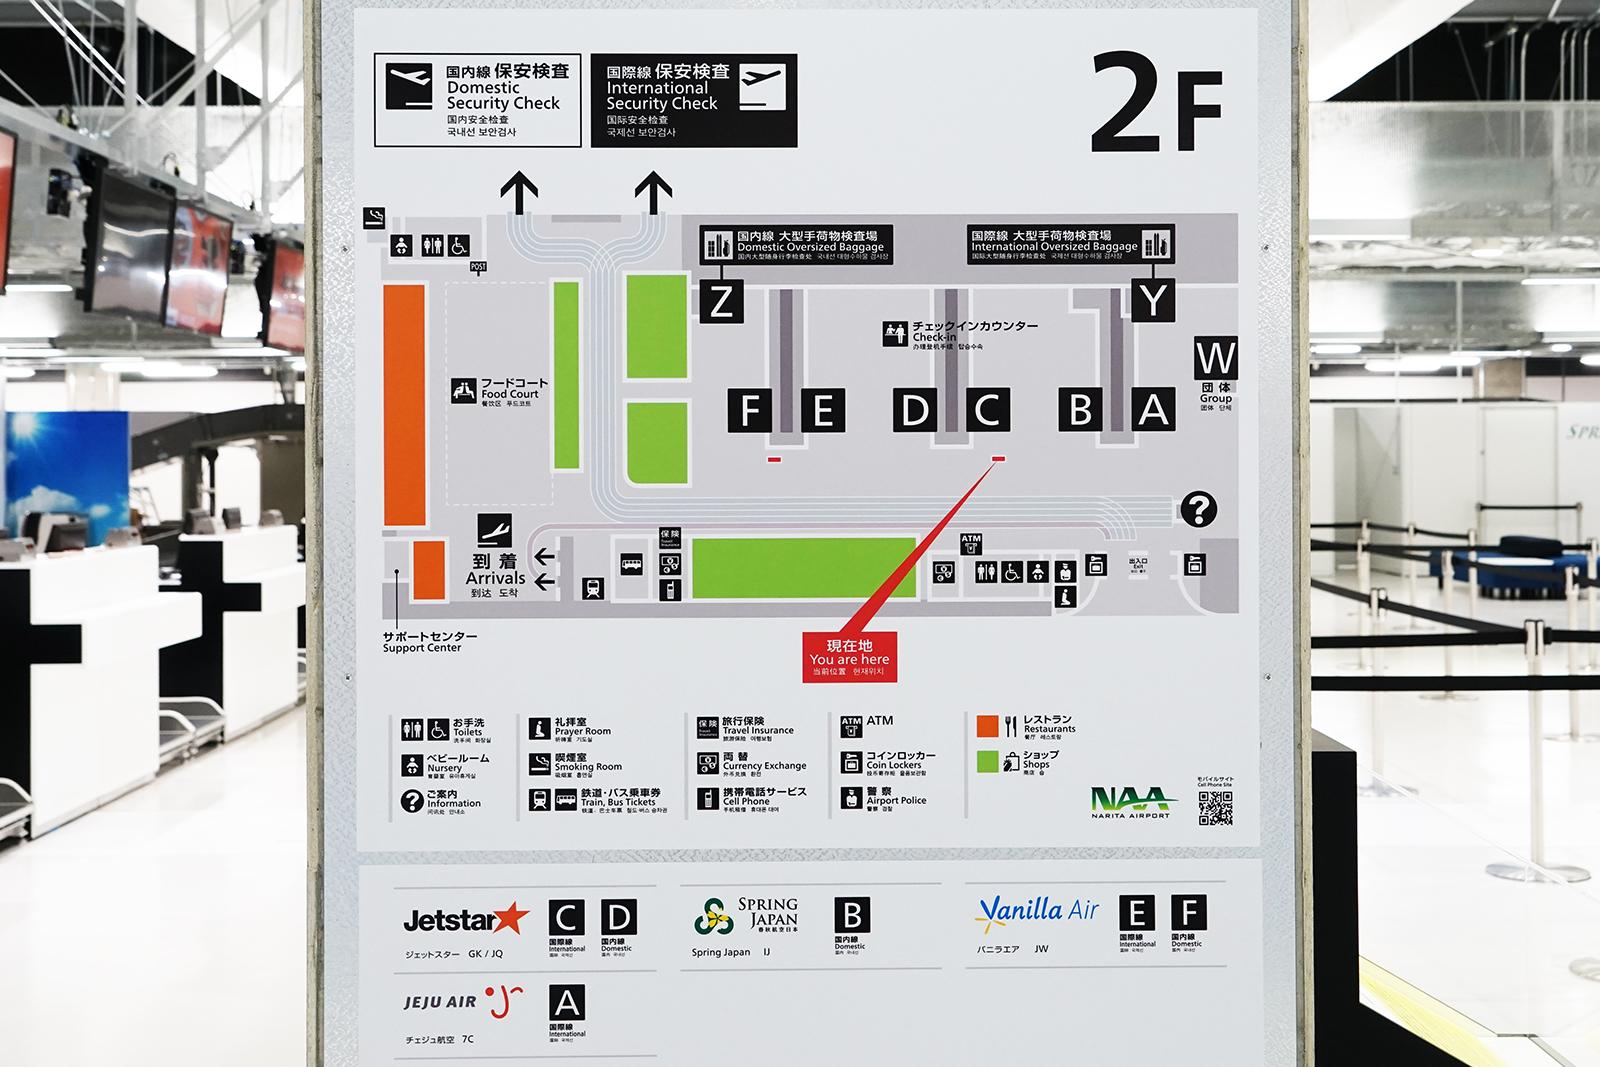 成田空港第3旅客ターミナルの内部はシンプルな構造